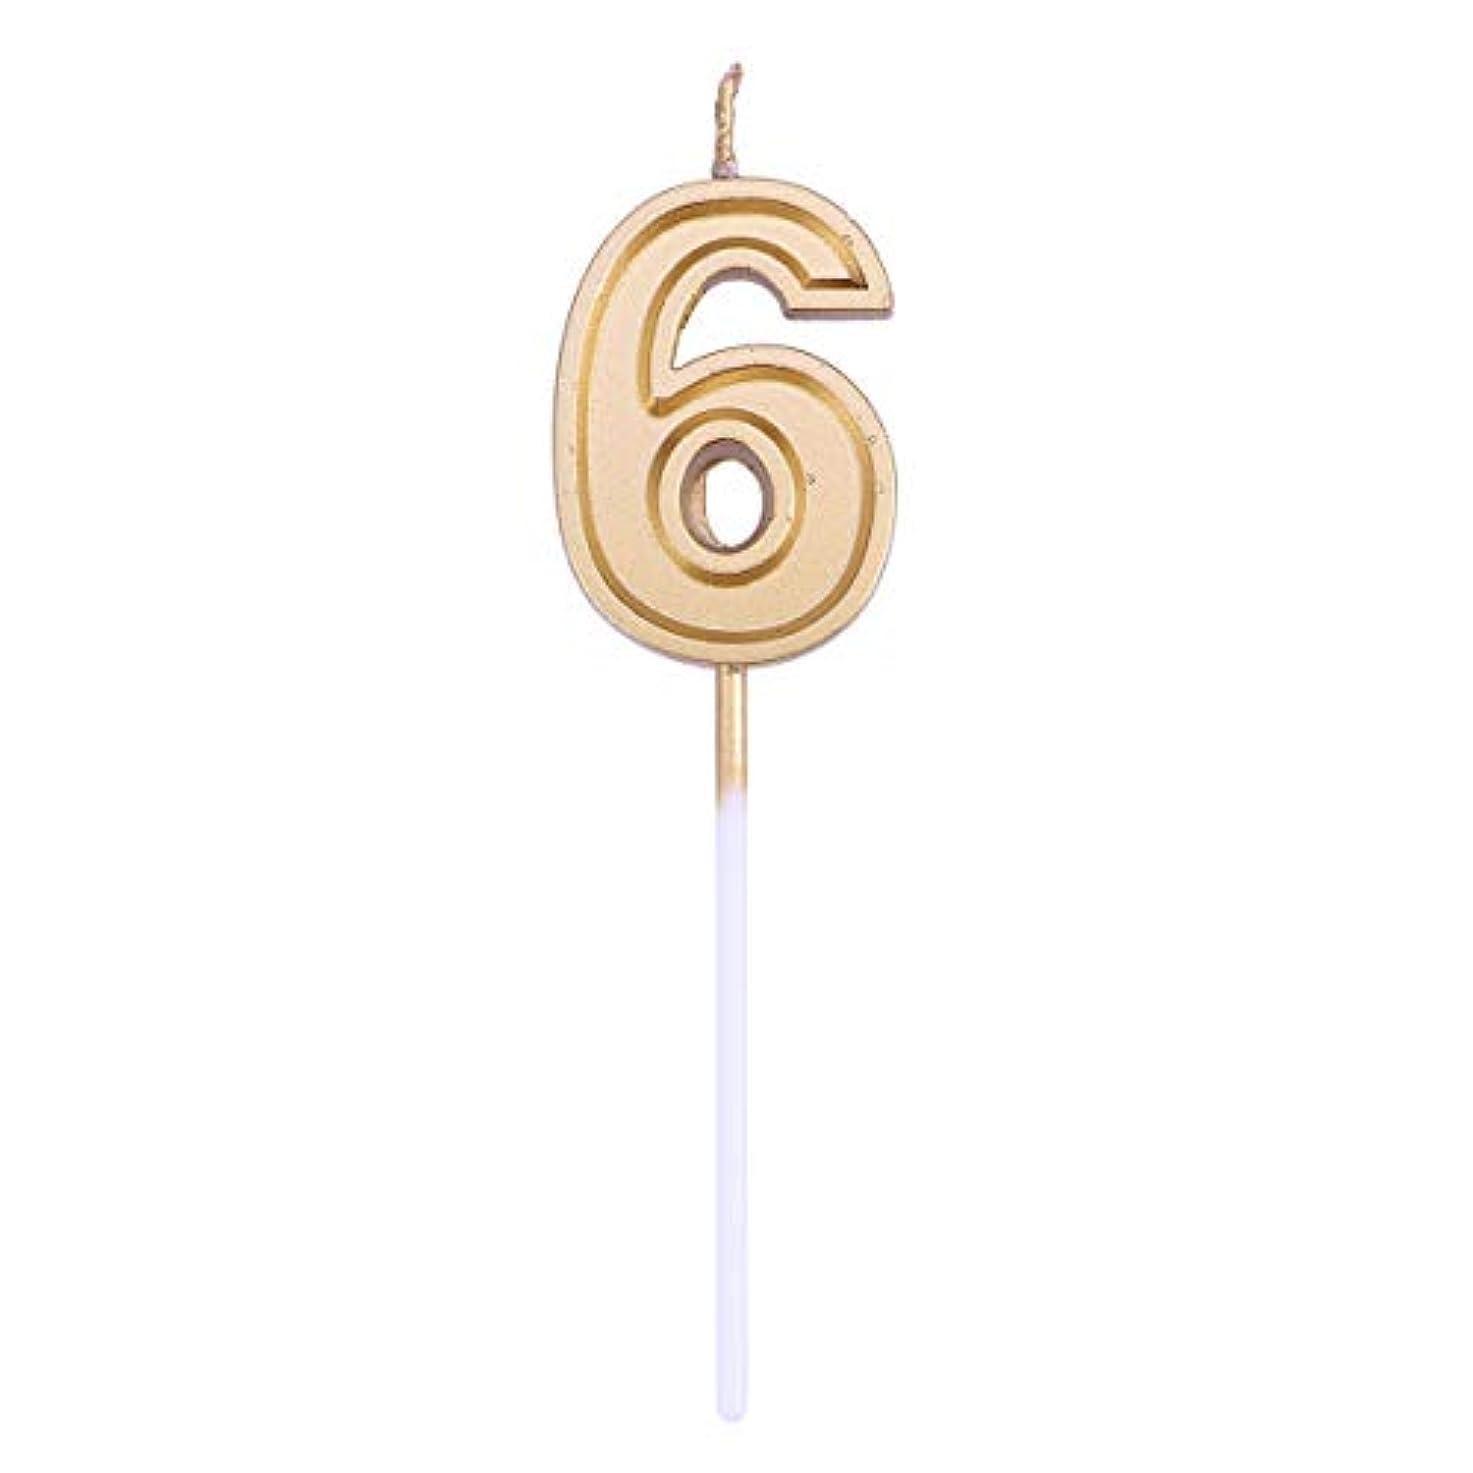 貝殻冷酷なスクレーパーYeahiBaby 番号6キャンドルゴールドラメ誕生日番号キャンドルケーキトッパー装飾